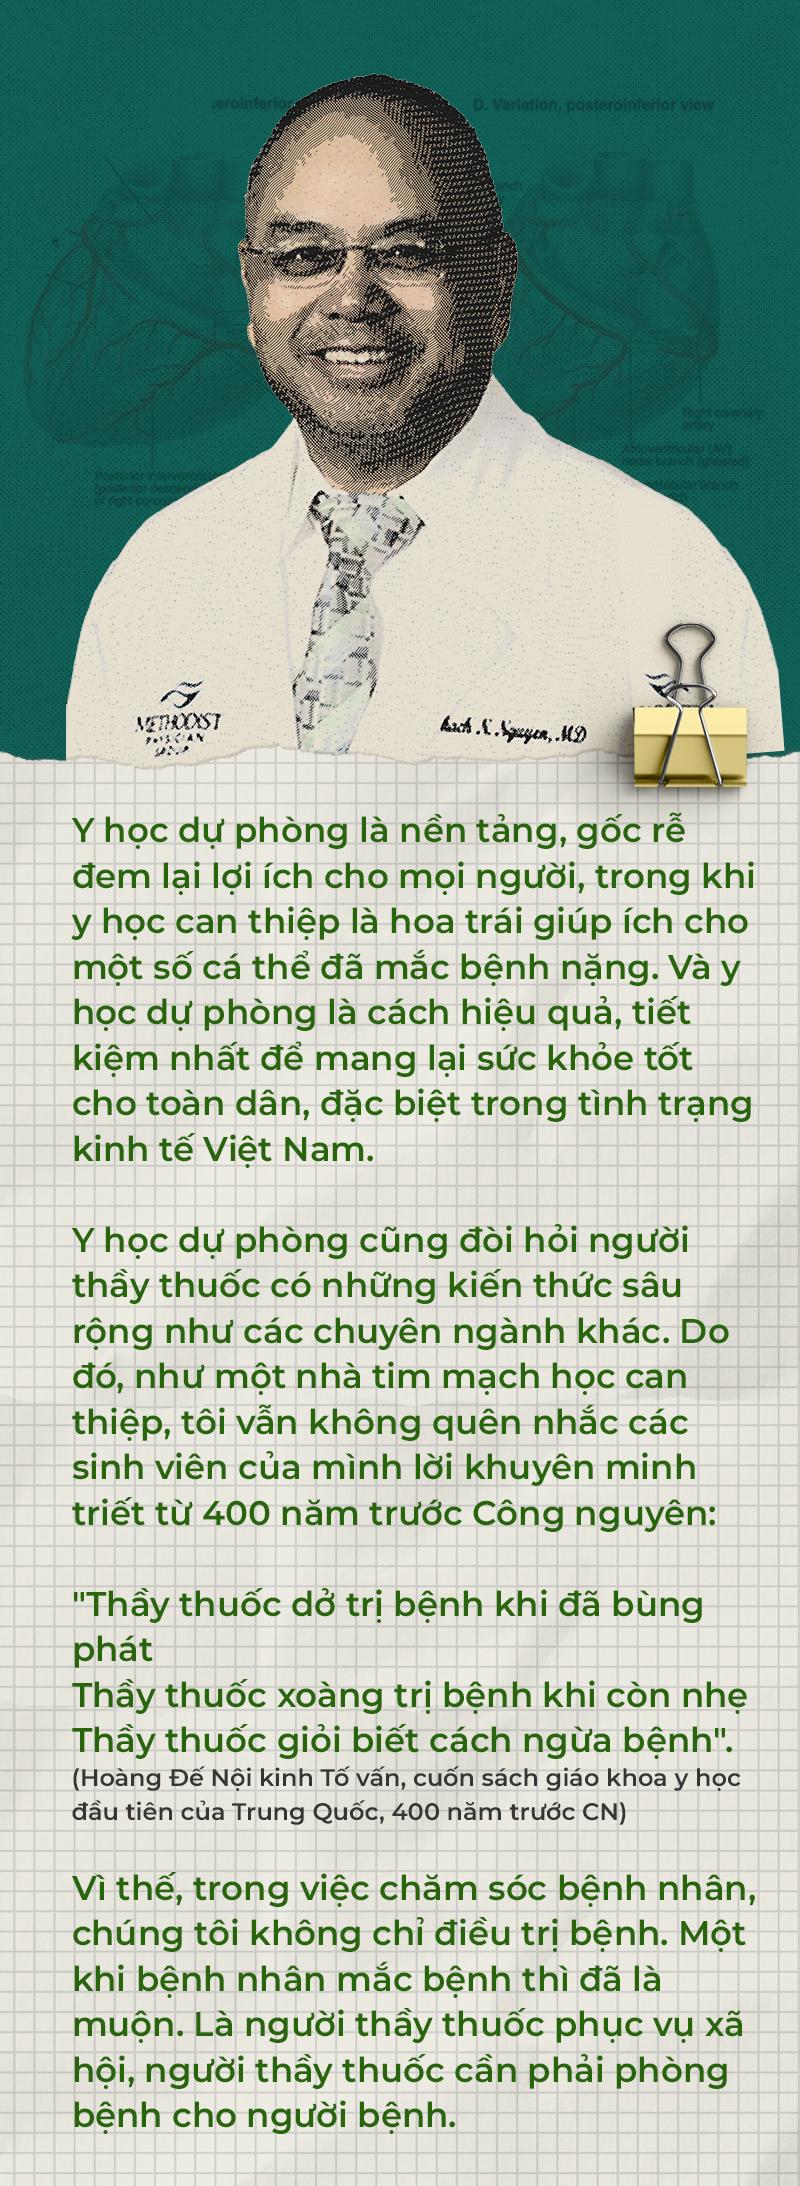 GS Thạch Nguyễn: Bằng hết sở học và lòng đồng cảm... - Ảnh 4.